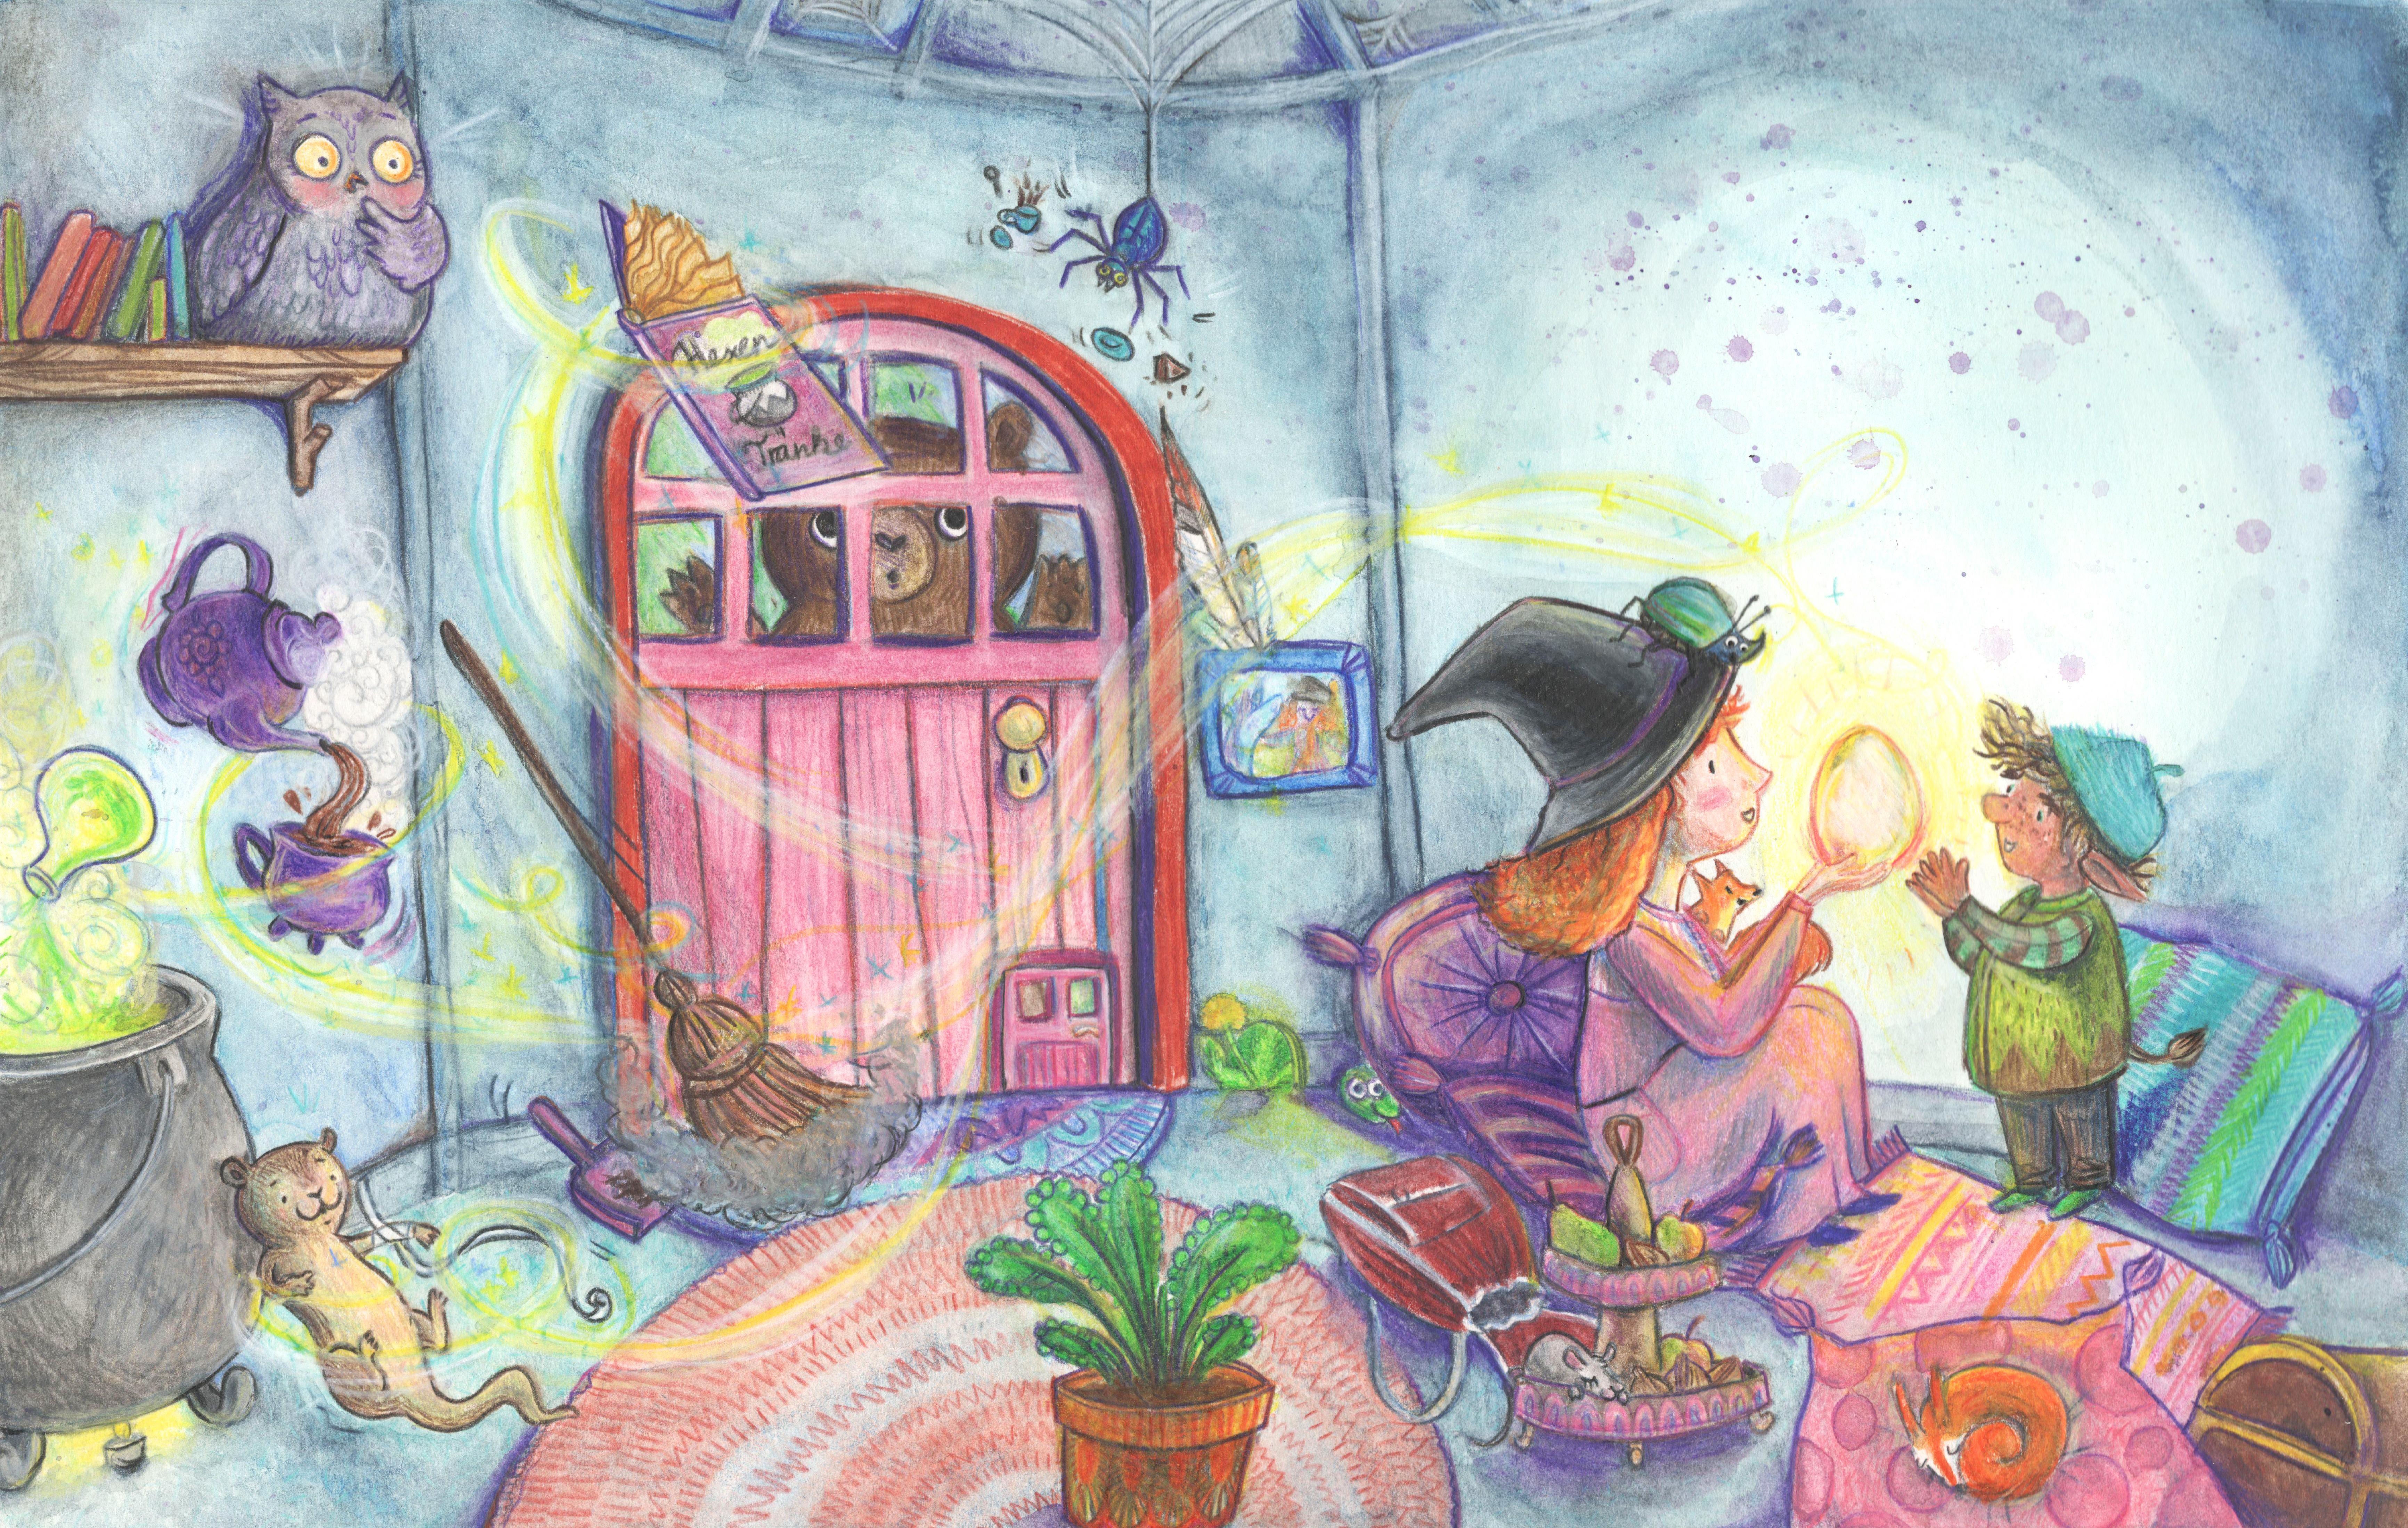 Aquarell, Aquarellillustration, Buntstiftillustration, Buntstift, Aquarellbuntstift , Simone Rose Illustration, Kinderbuch, Kinder, Kinderbuchillustration, Illustratorin, Hexenhaus